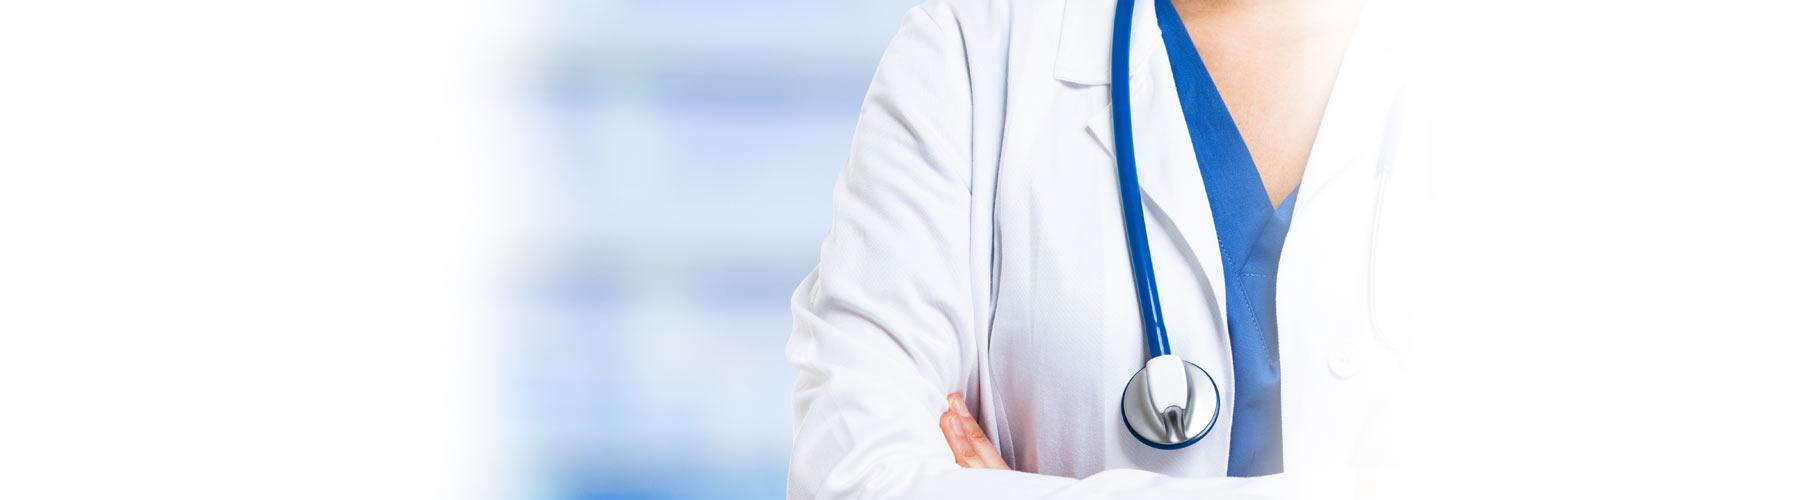 Clasificación completa de Intervenciones de Enfermería NIC 2013 (6ª Edición)